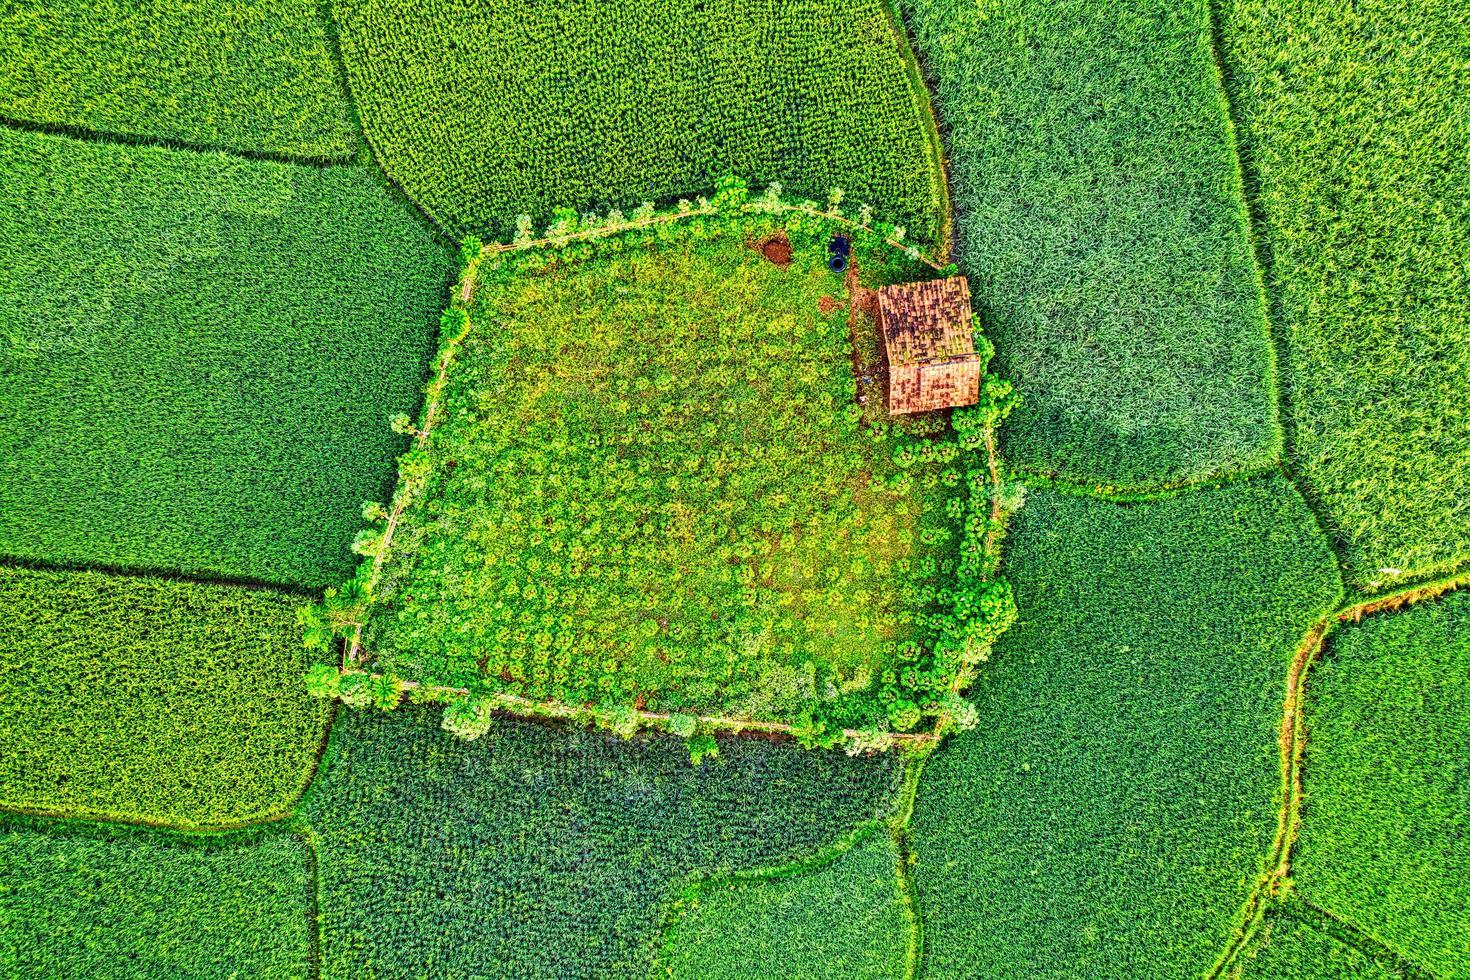 groen en geel getextureerd land foto